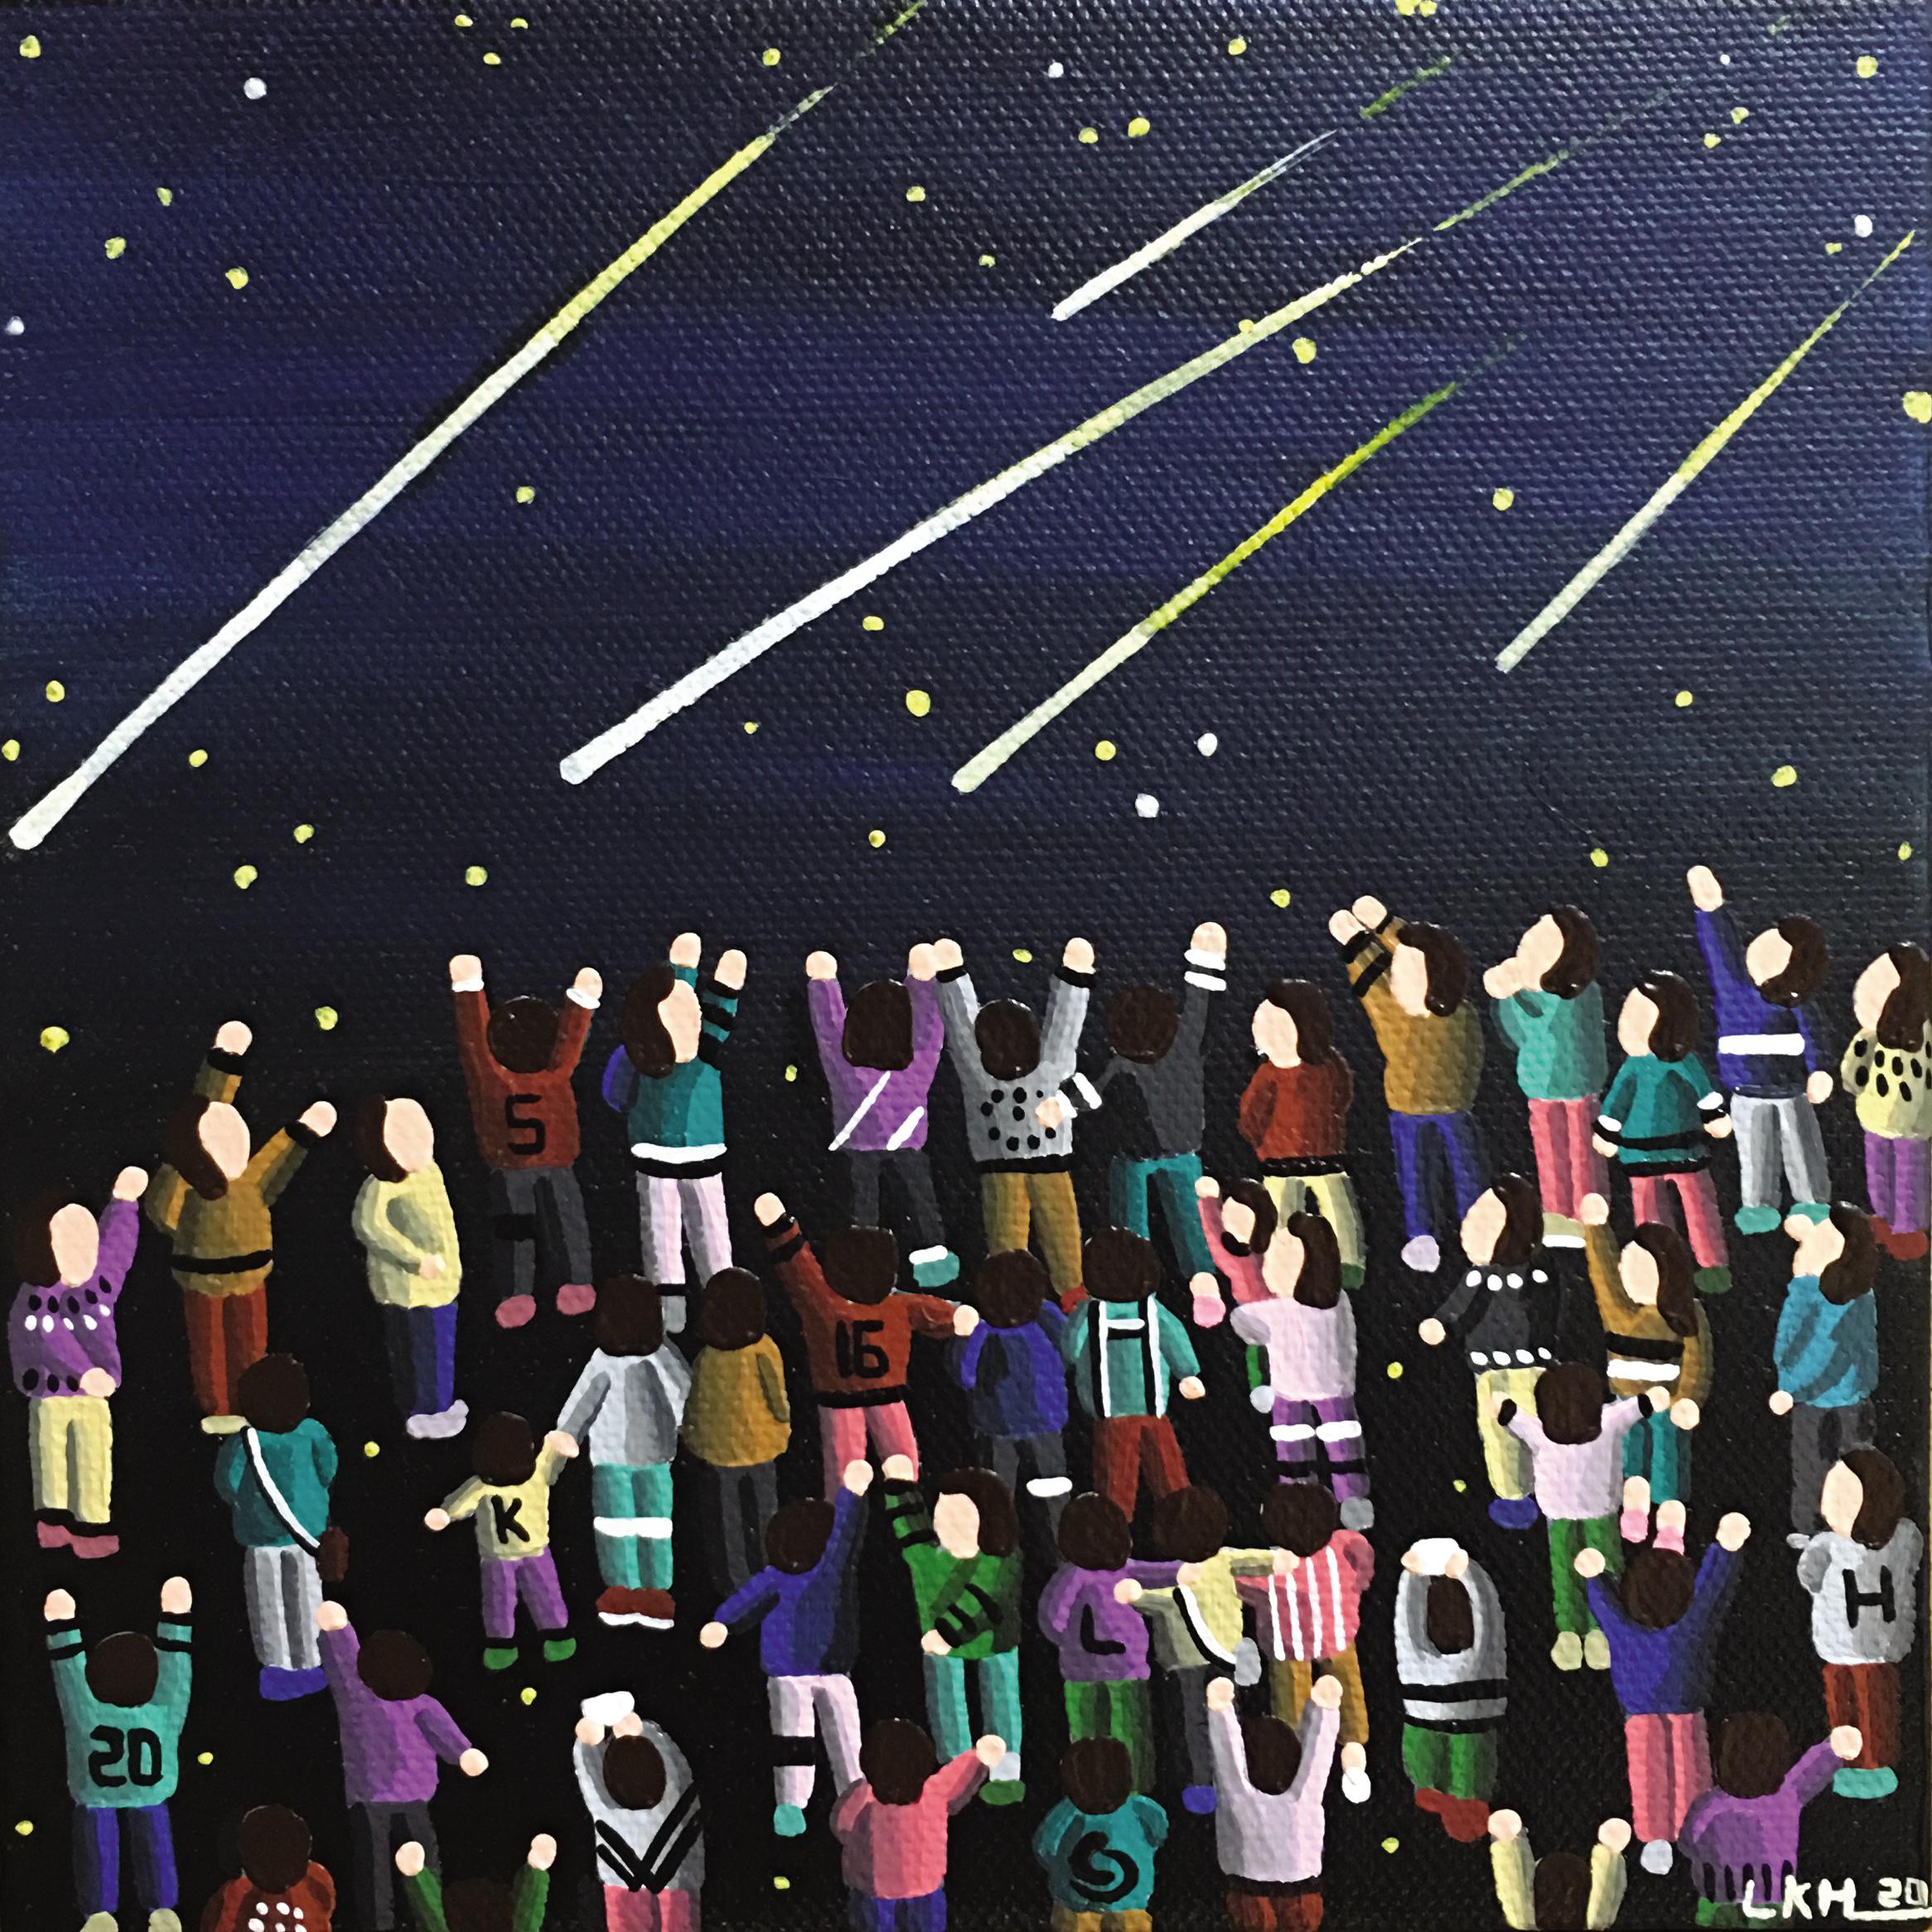 이경현|Shooting star